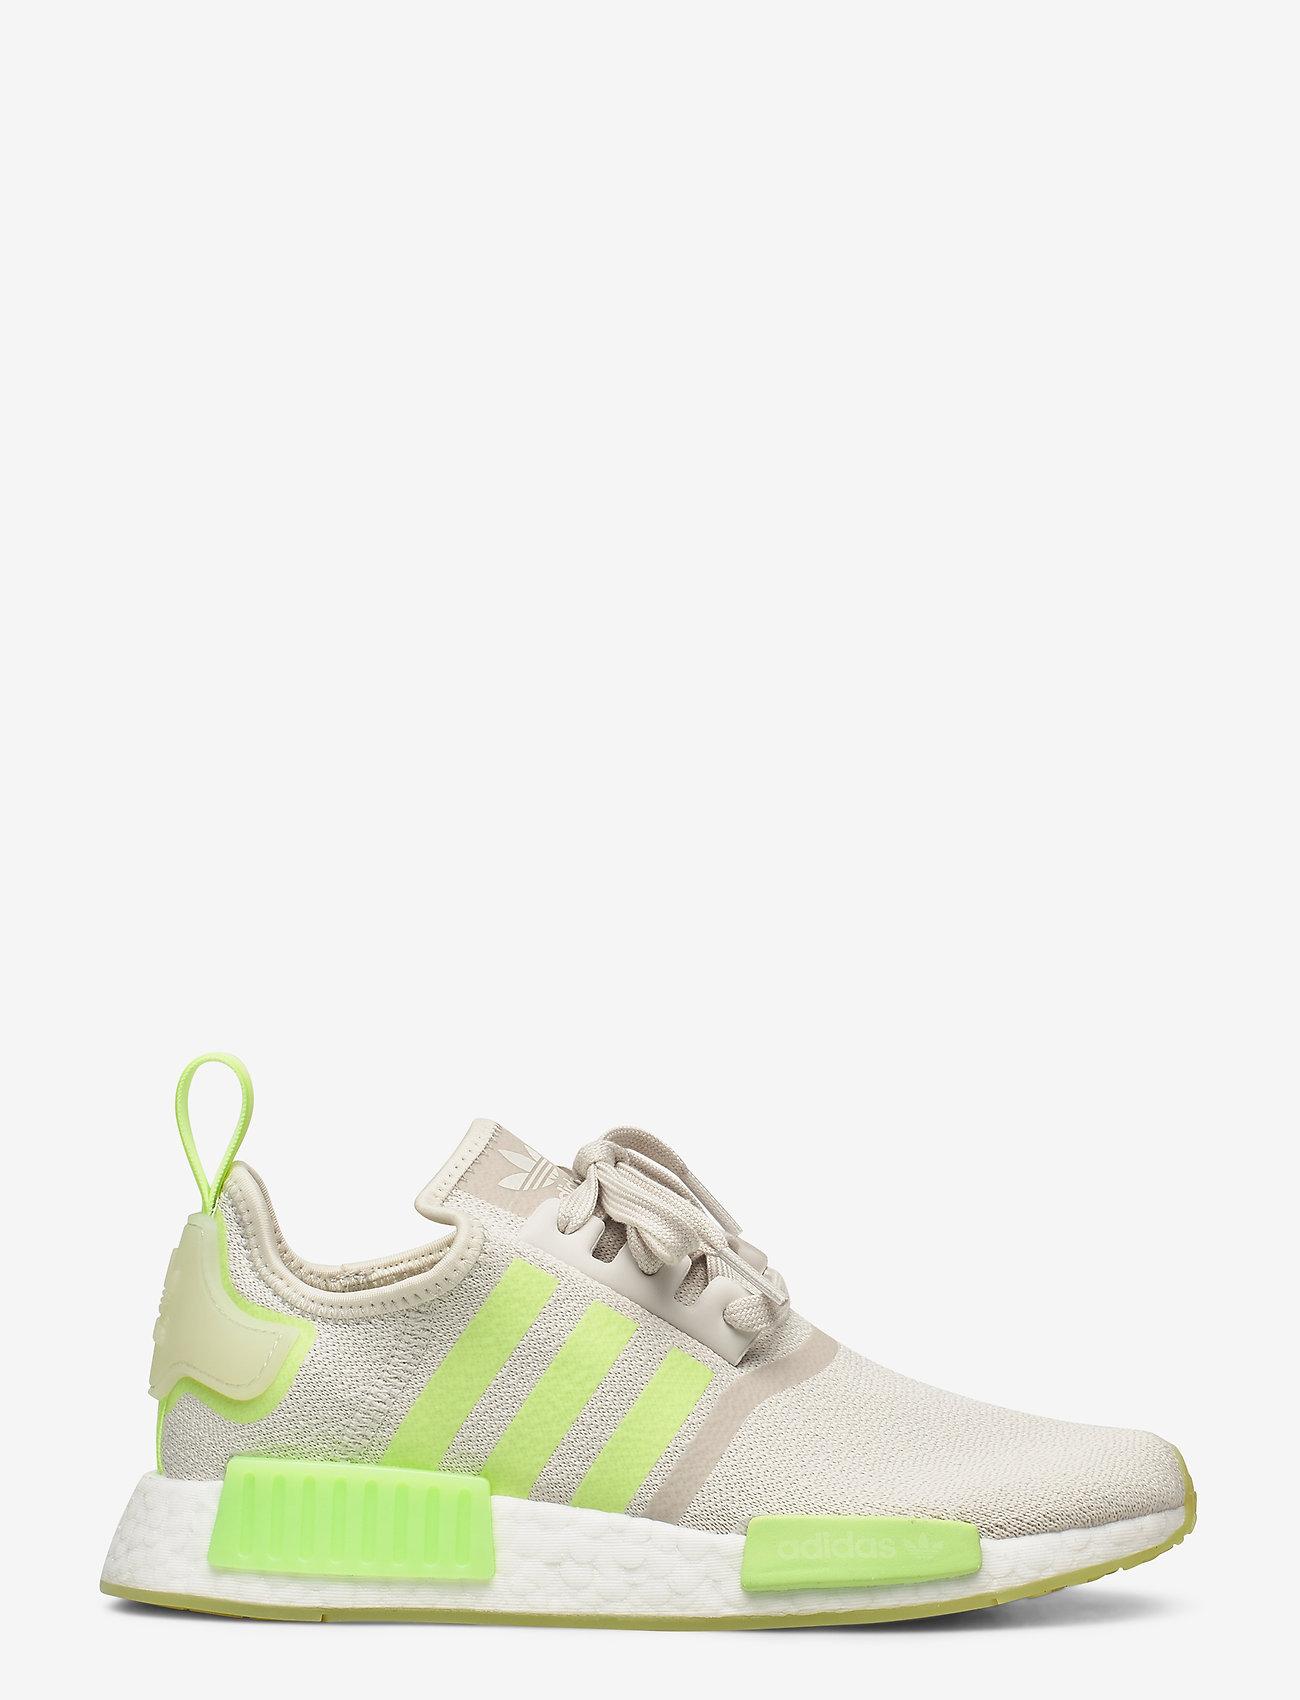 adidas Originals - NMD_R1 W - laag sneakers - talc/talc/hireye - 1